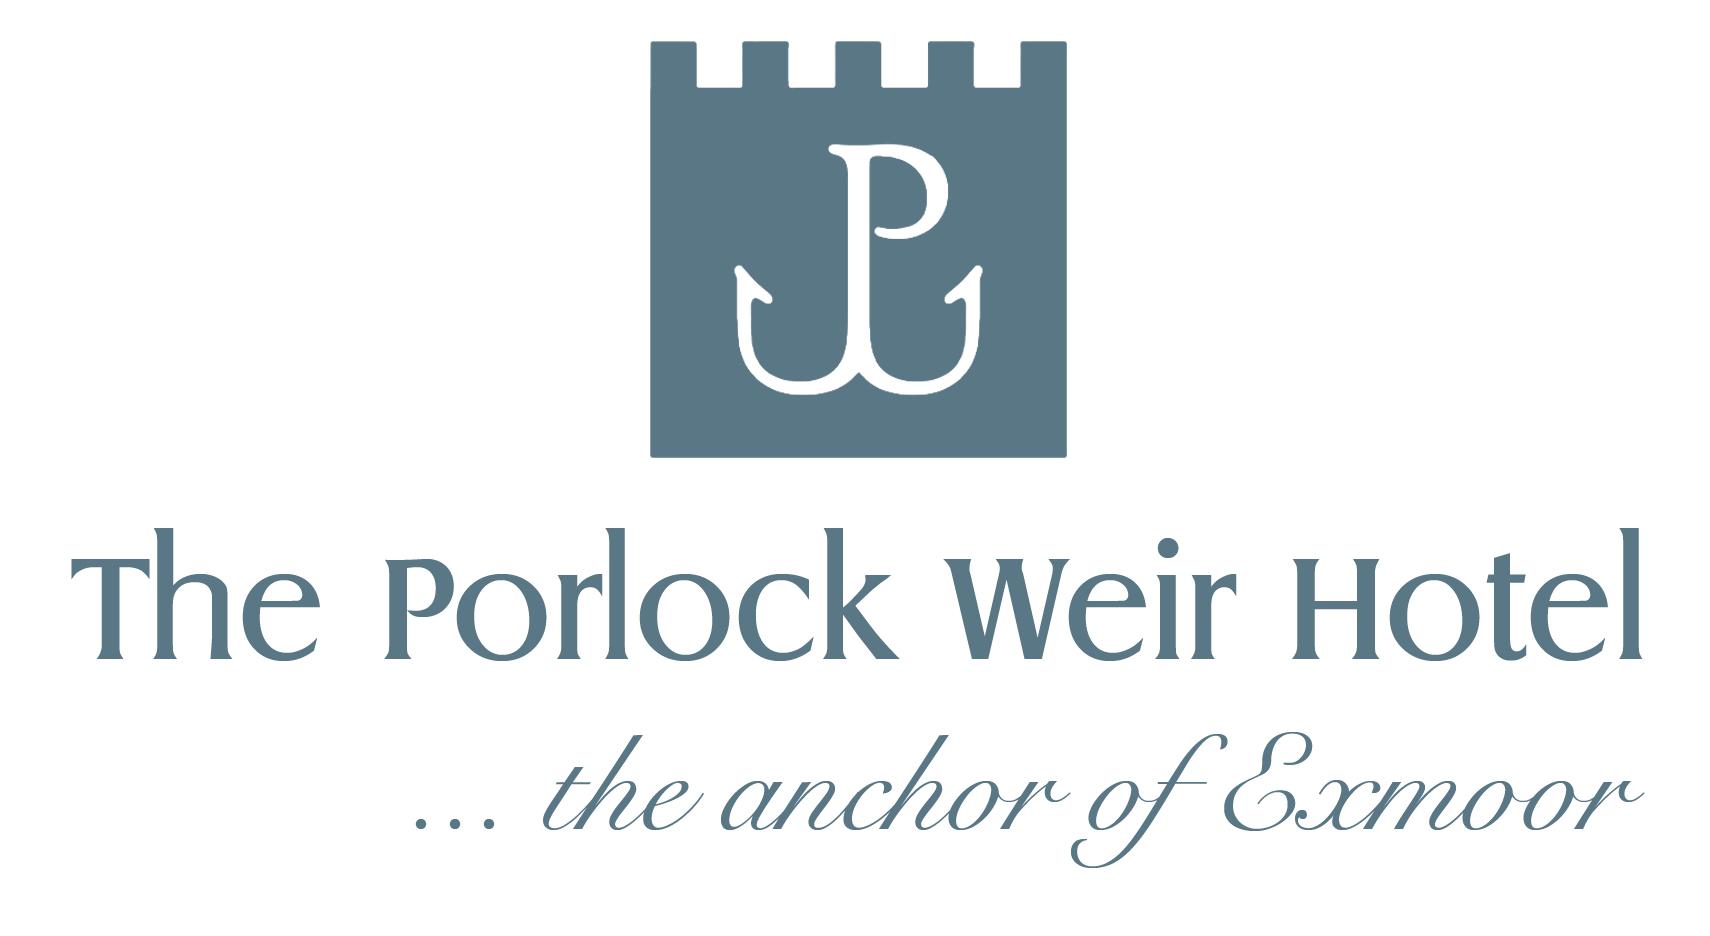 Logo of The Porlock Weir Hotel